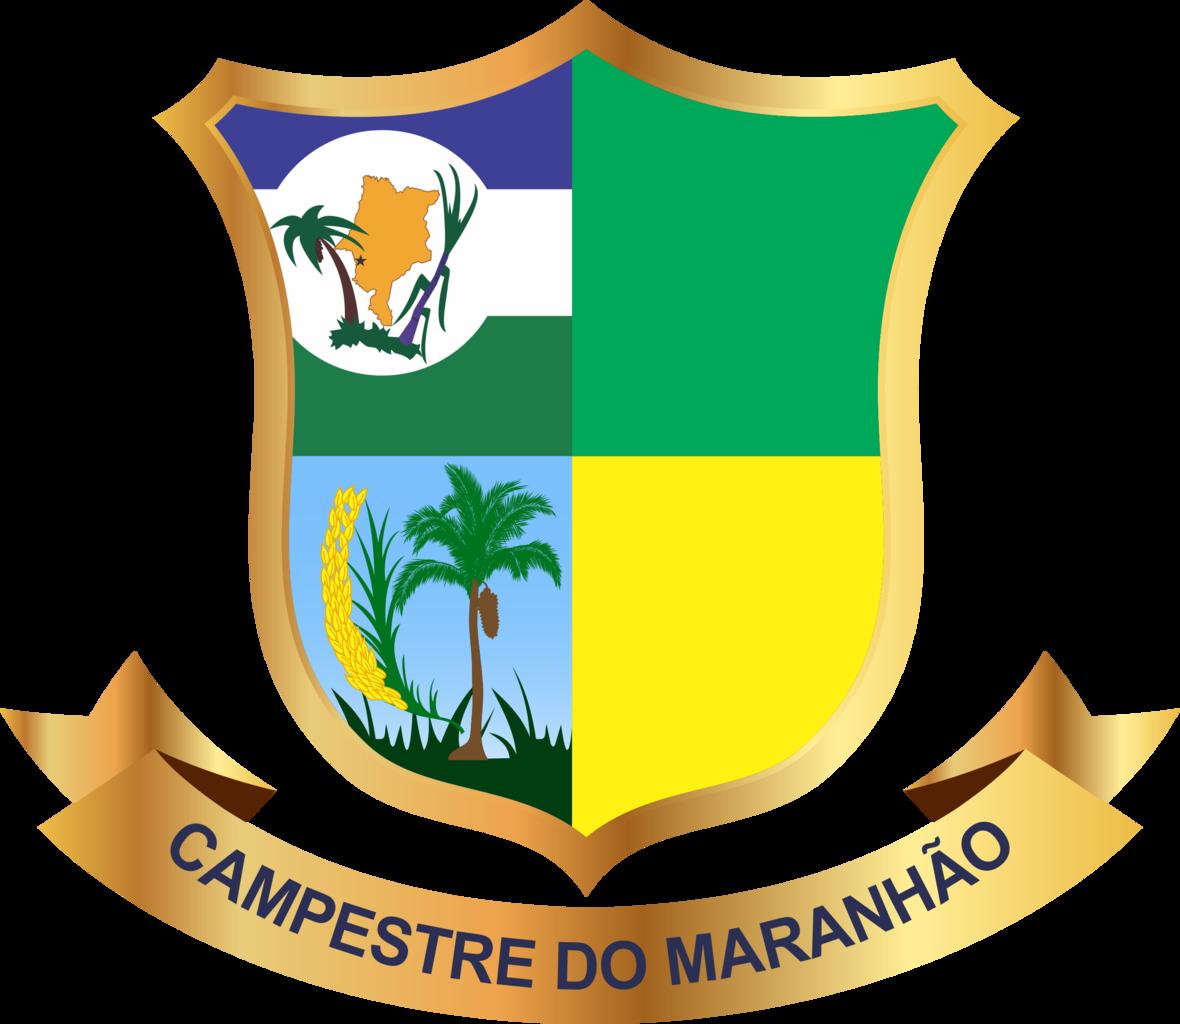 Campestre do Maranhão Maranhão fonte: upload.wikimedia.org